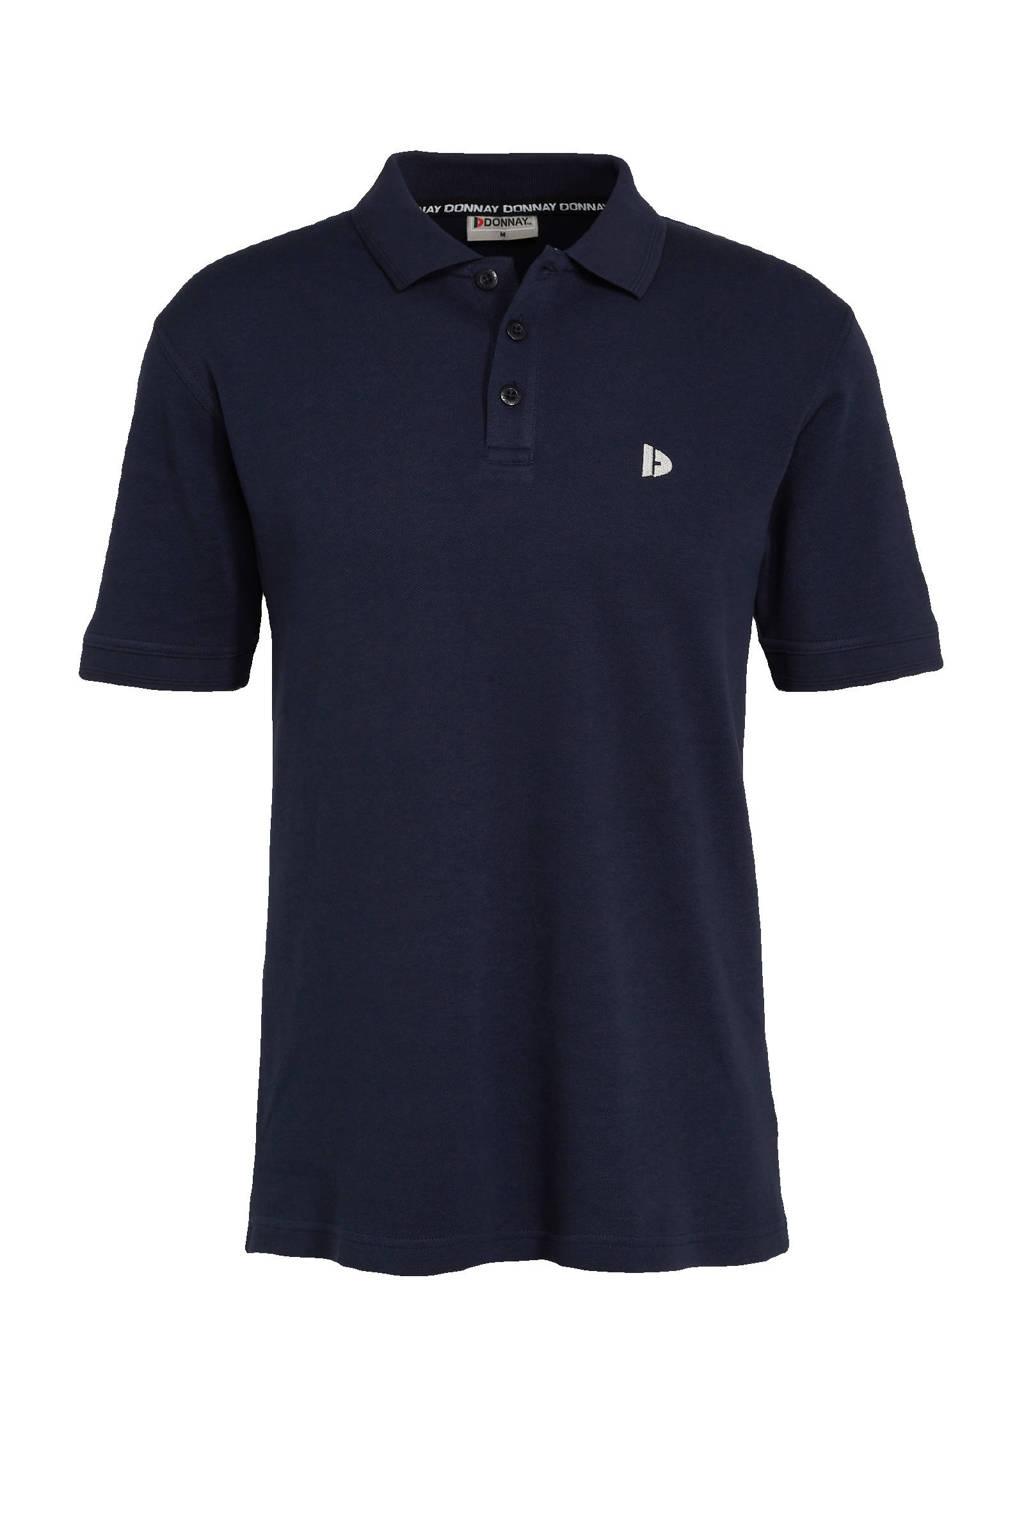 Donnay   sportpolo donkerblauw, Donkerblauw